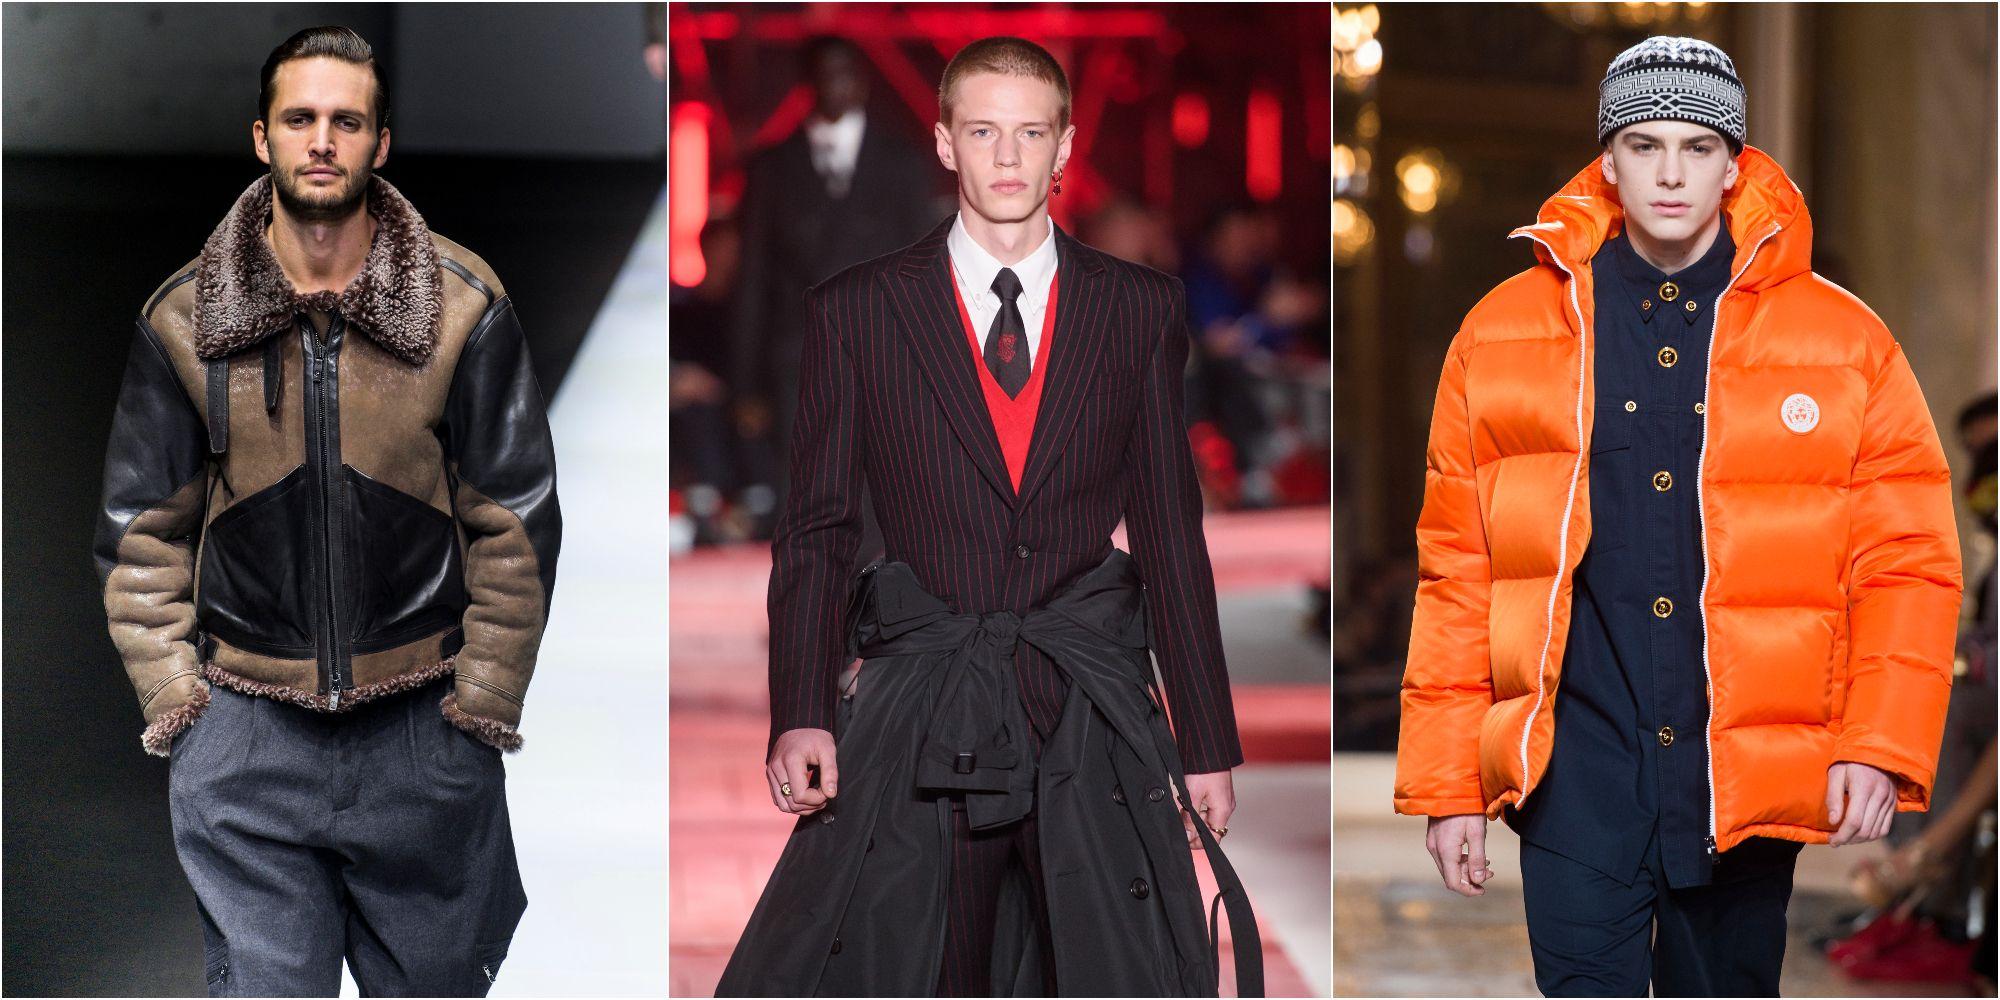 c92ba06917 Moda uomo: 8 tendenze da indossare per essere super chic